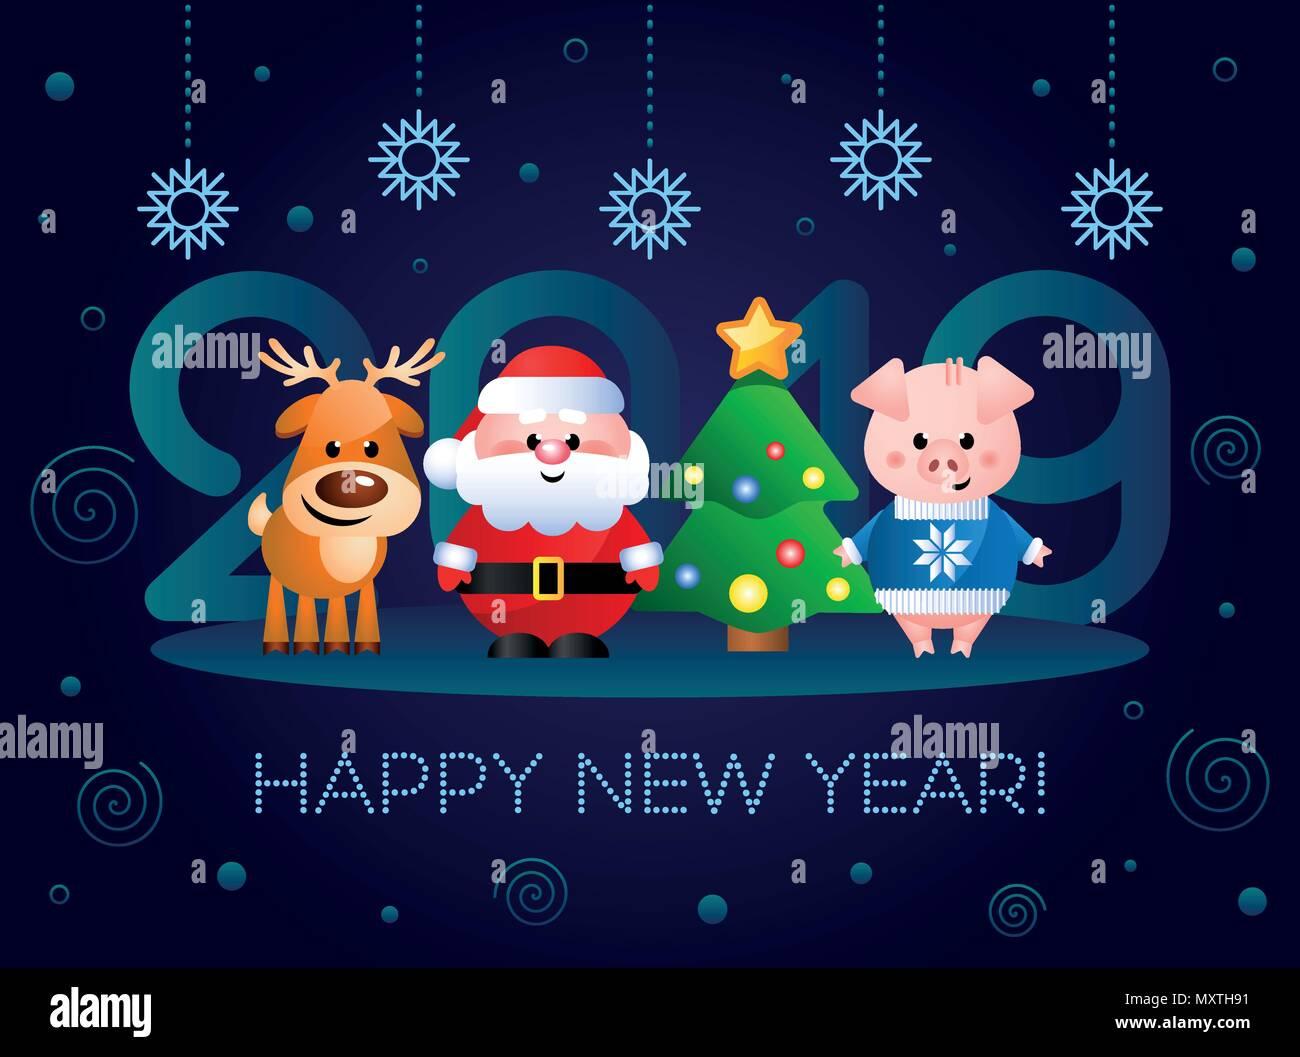 Felicitaciones De Navidad 2019 Animadas.Feliz Ano Nuevo 2019 Tarjeta De Felicitacion Con Lindos